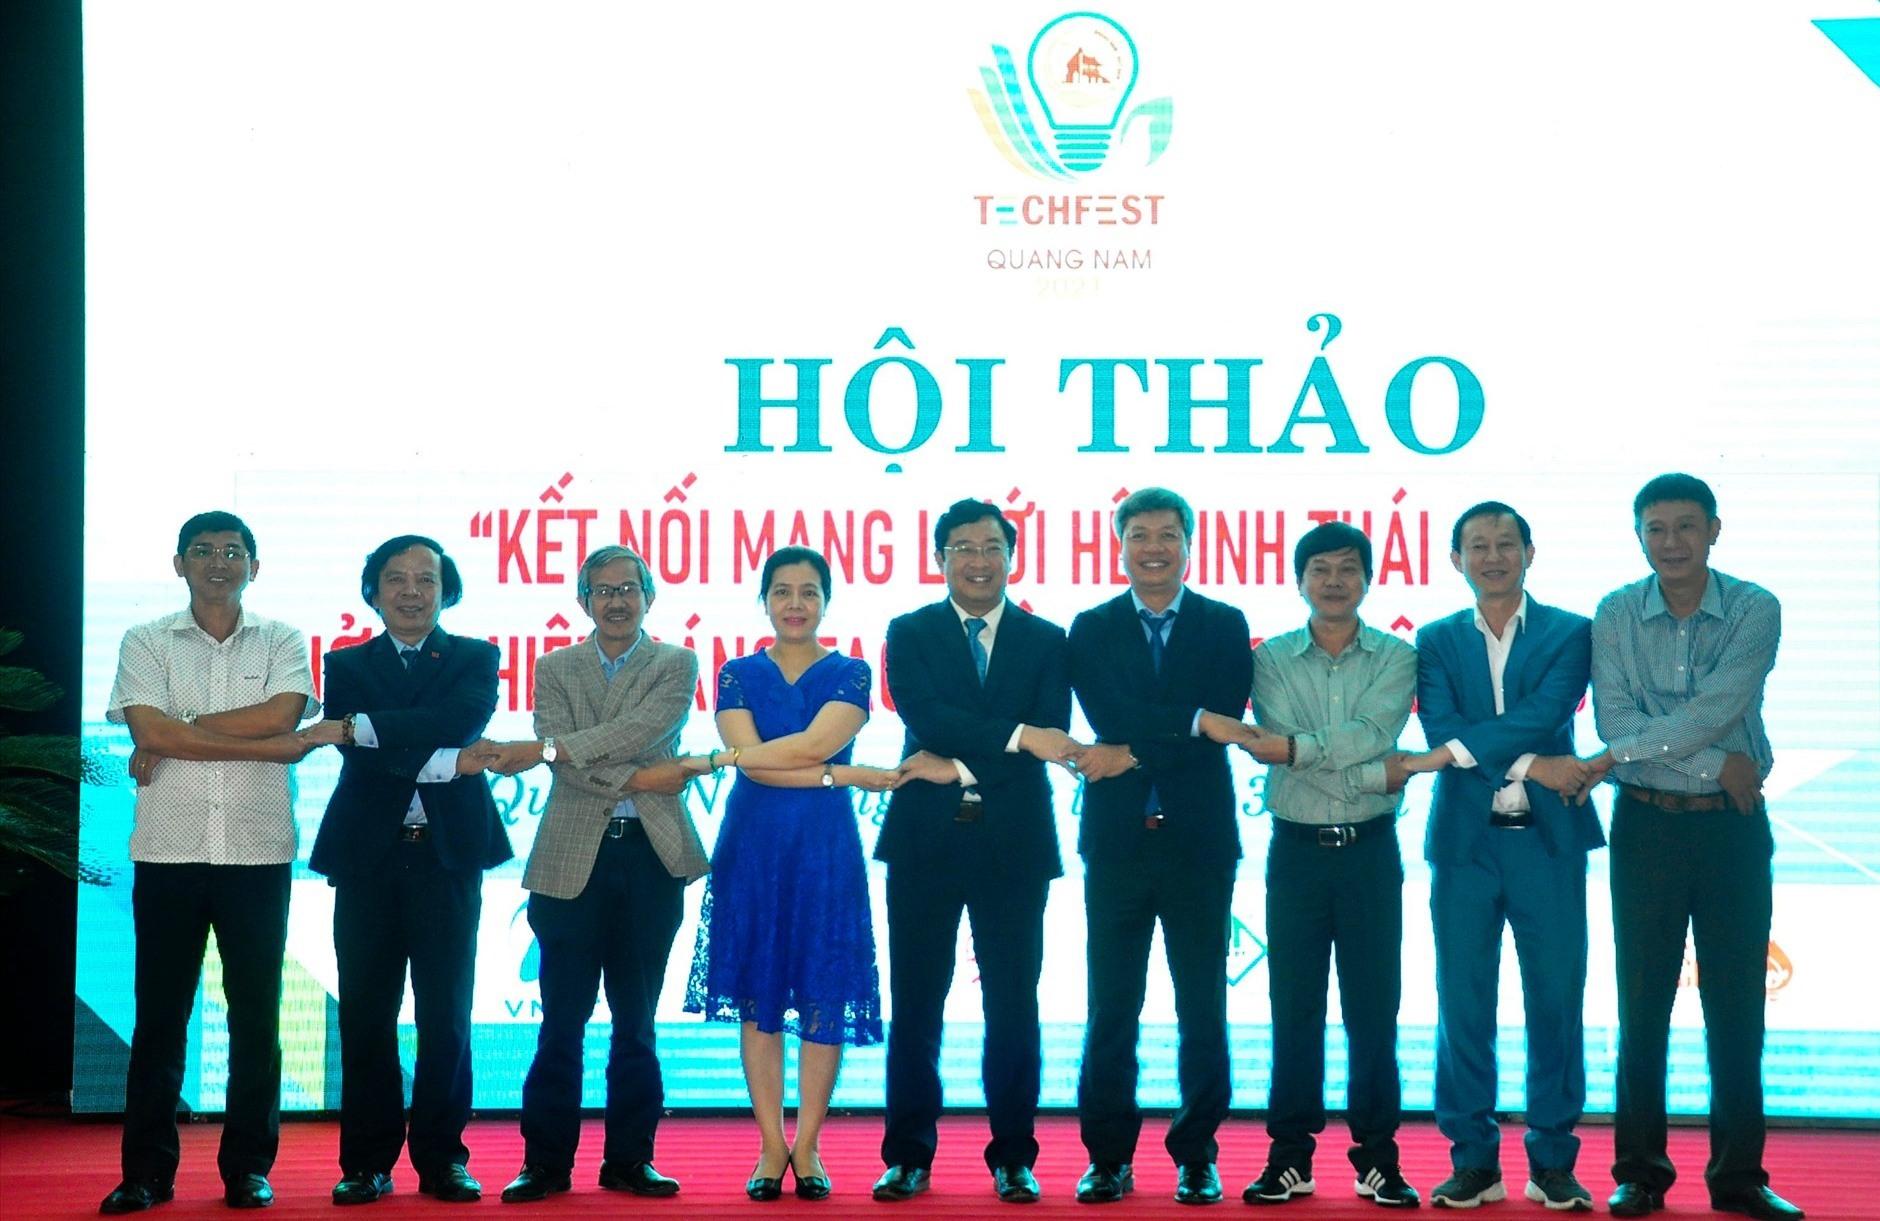 Hội thảo nhằm kết nối, chia sẻ, hợp tác giữa các mạng lưới sinh thái khởi nghiệp sáng tạo khu vực miền Trung - Tây Nguyên. Ảnh: C.V